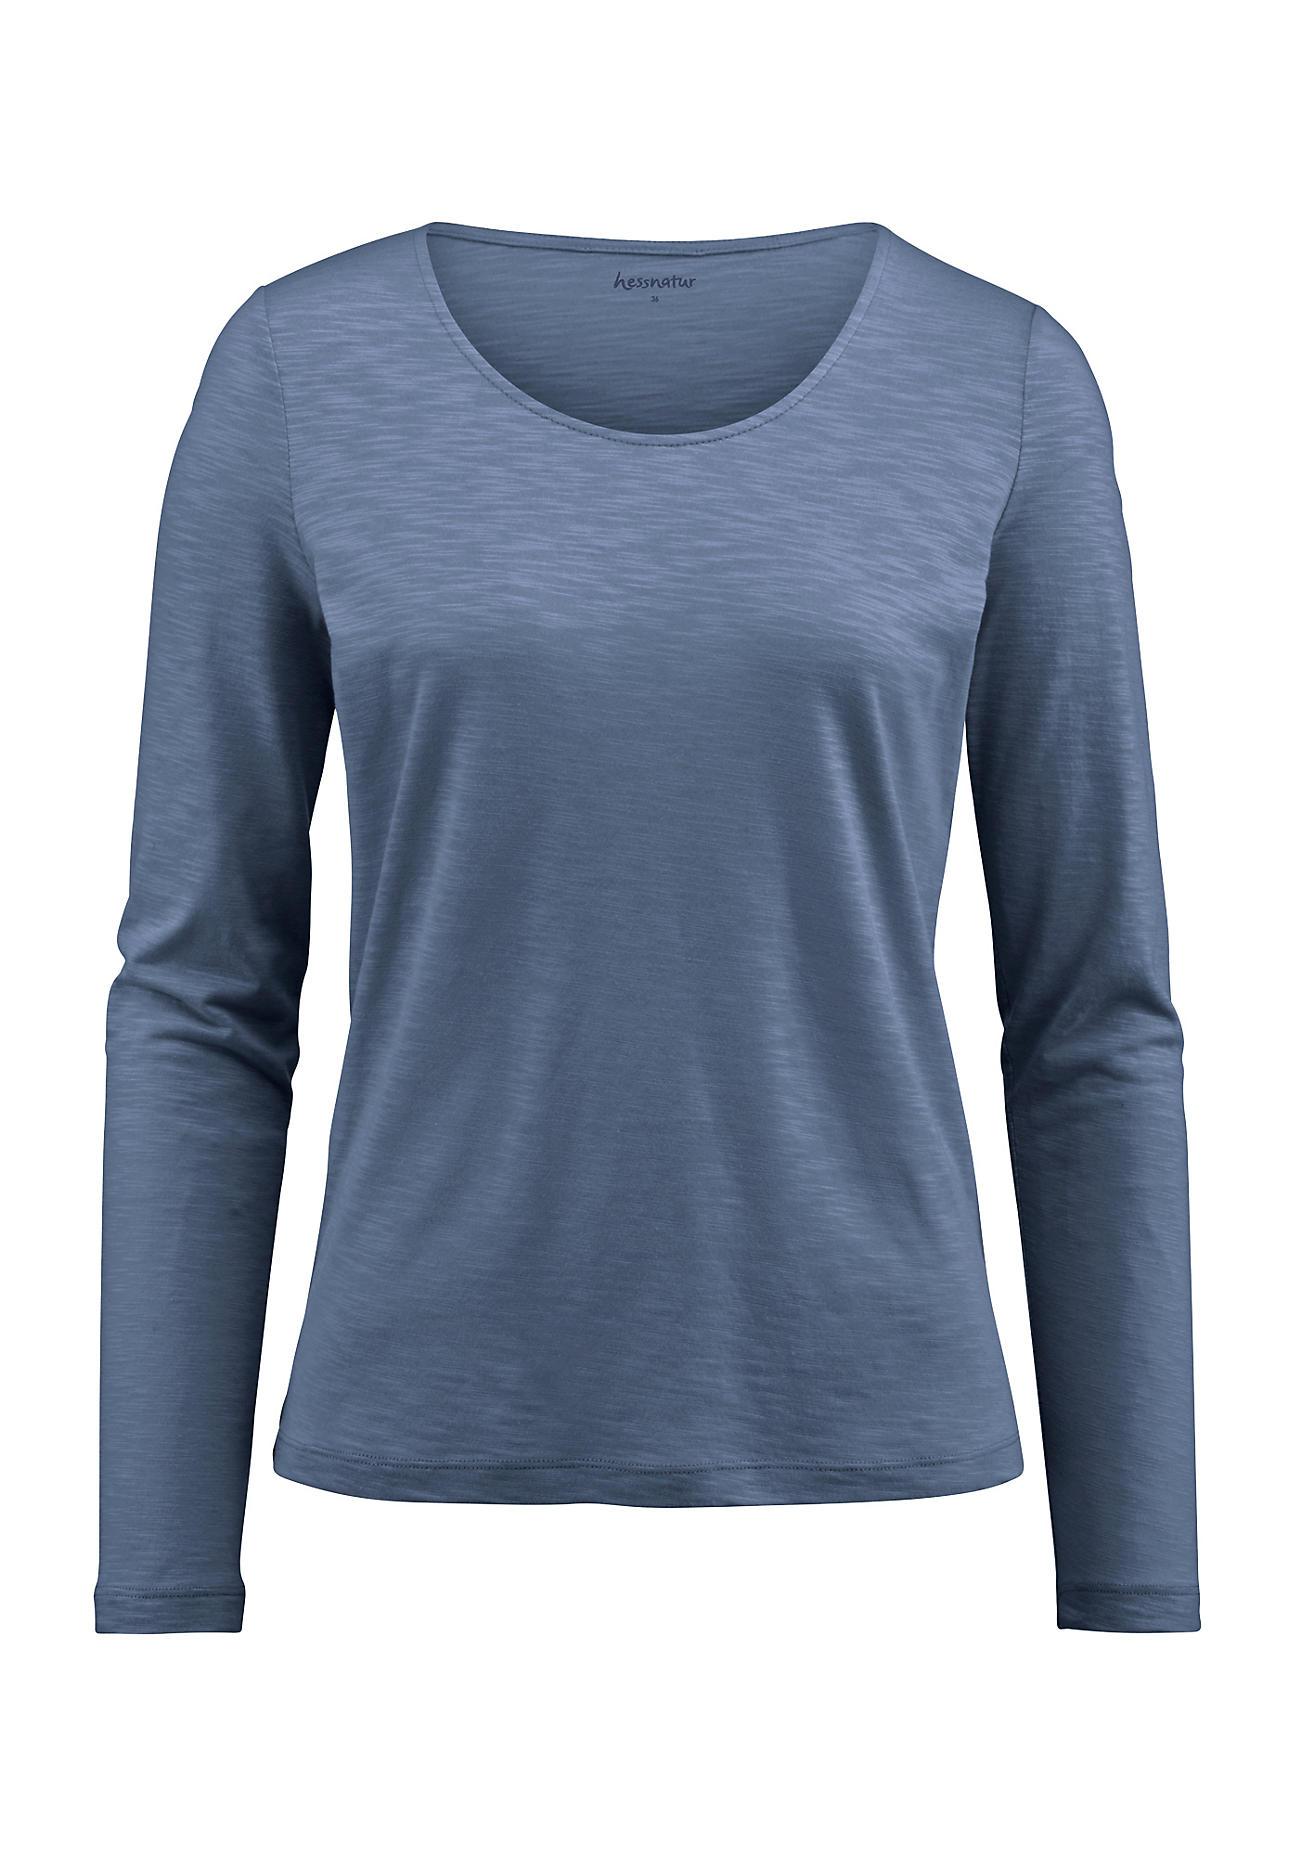 hessnatur Damen Shirt aus Bio Baumwolle und Modal – blau – Größe 38